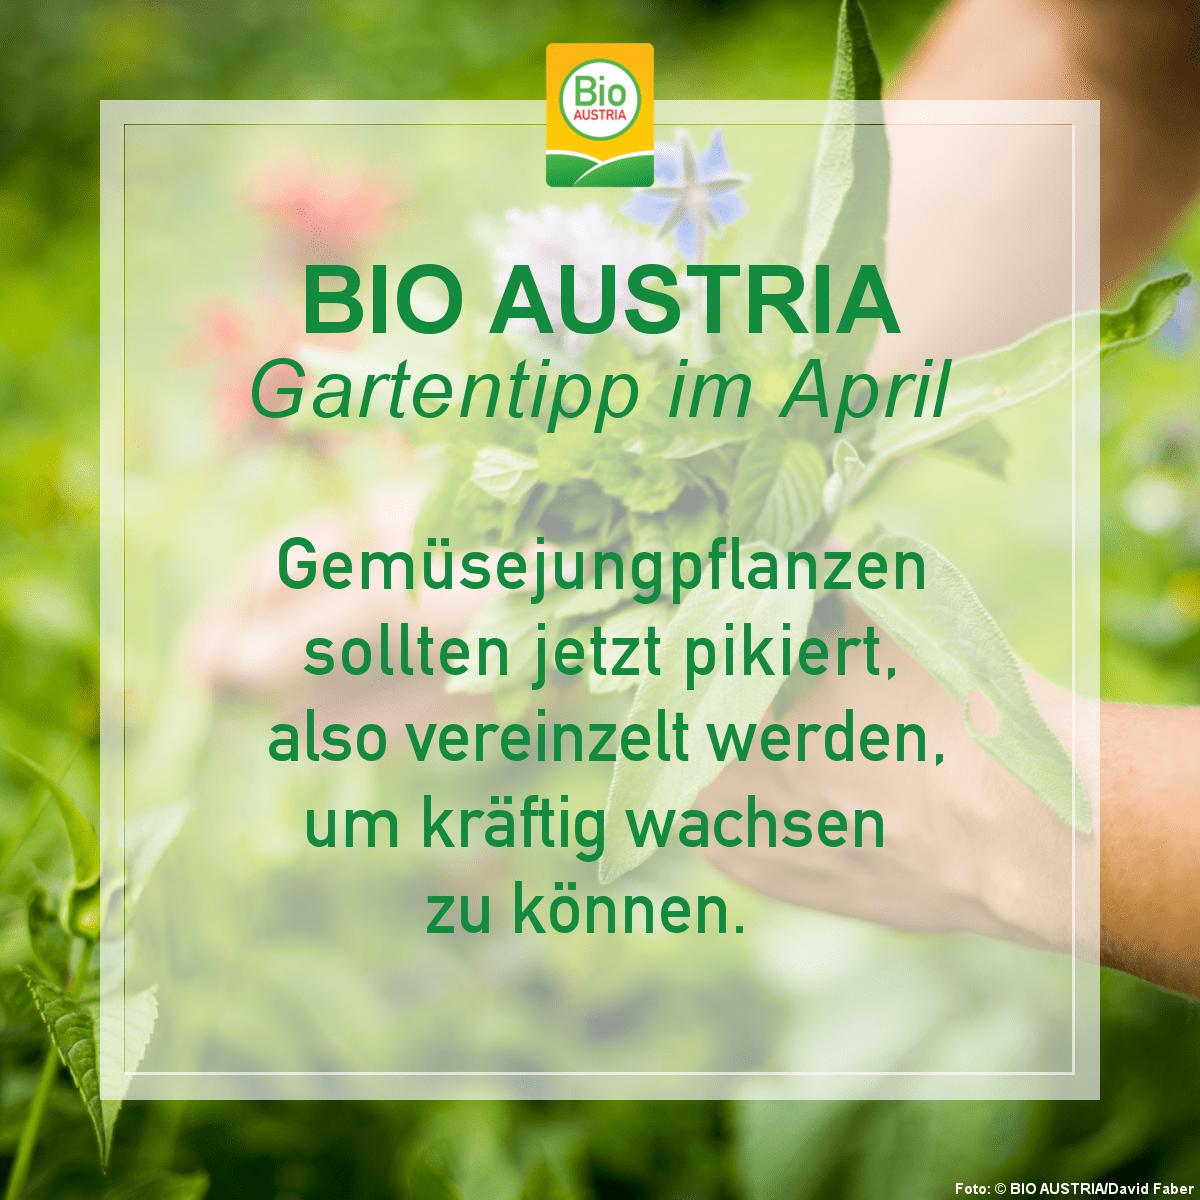 Tipp für den Bio-Garten im April Gemüsejungplfanzen pikieren